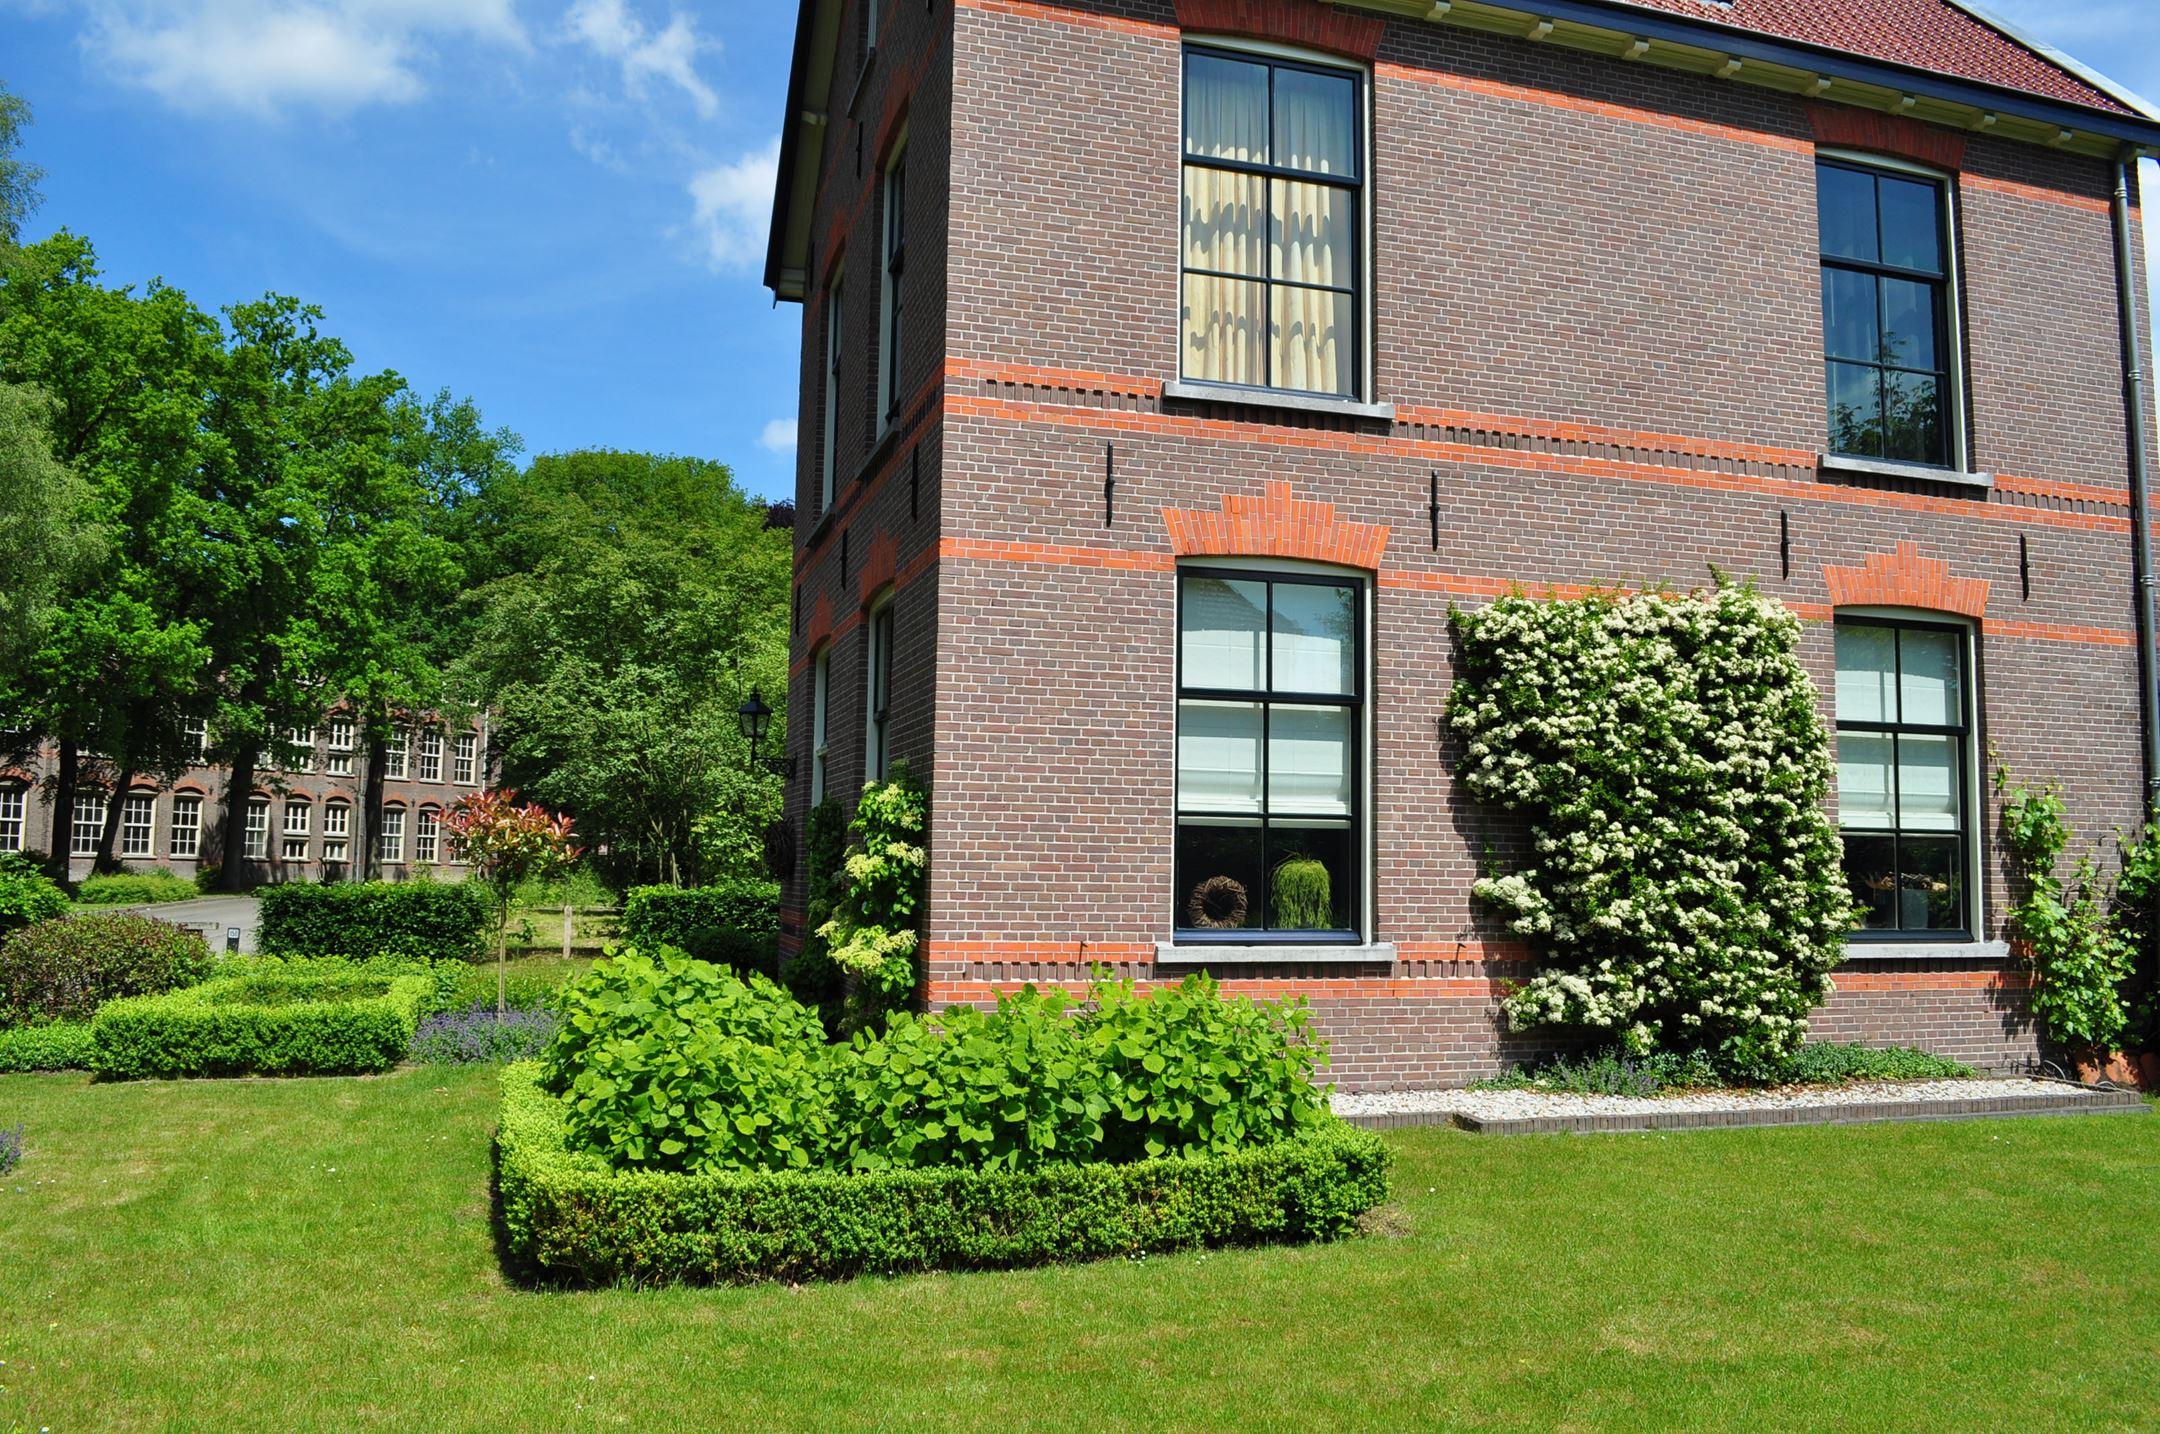 Huis te koop: kruisbergseweg 148 7009 bt doetinchem [funda]